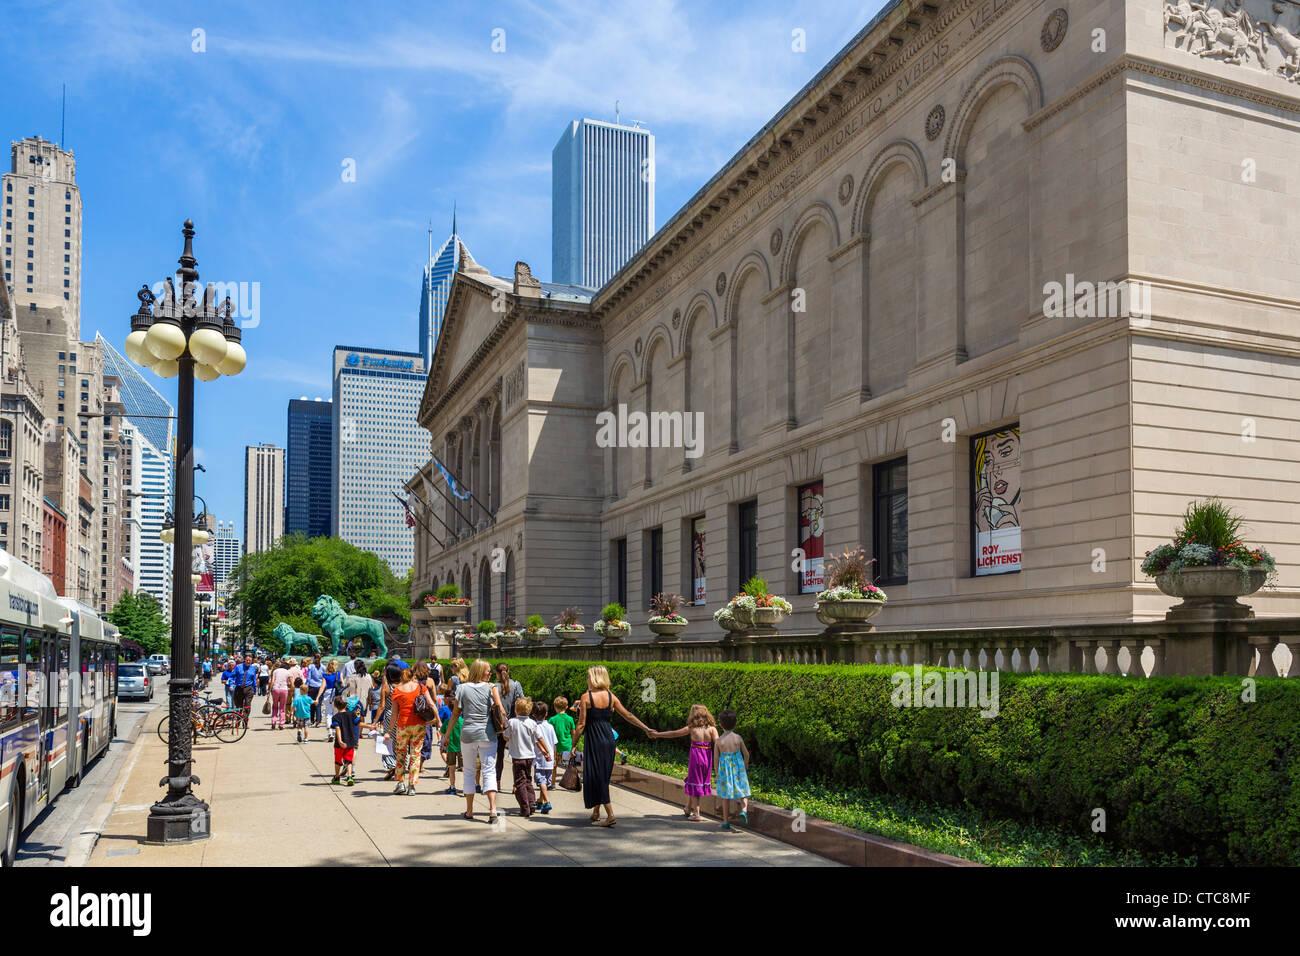 L'Art Institute de Chicago sur Michigan Avenue, Chicago, Illinois, États-Unis Photo Stock